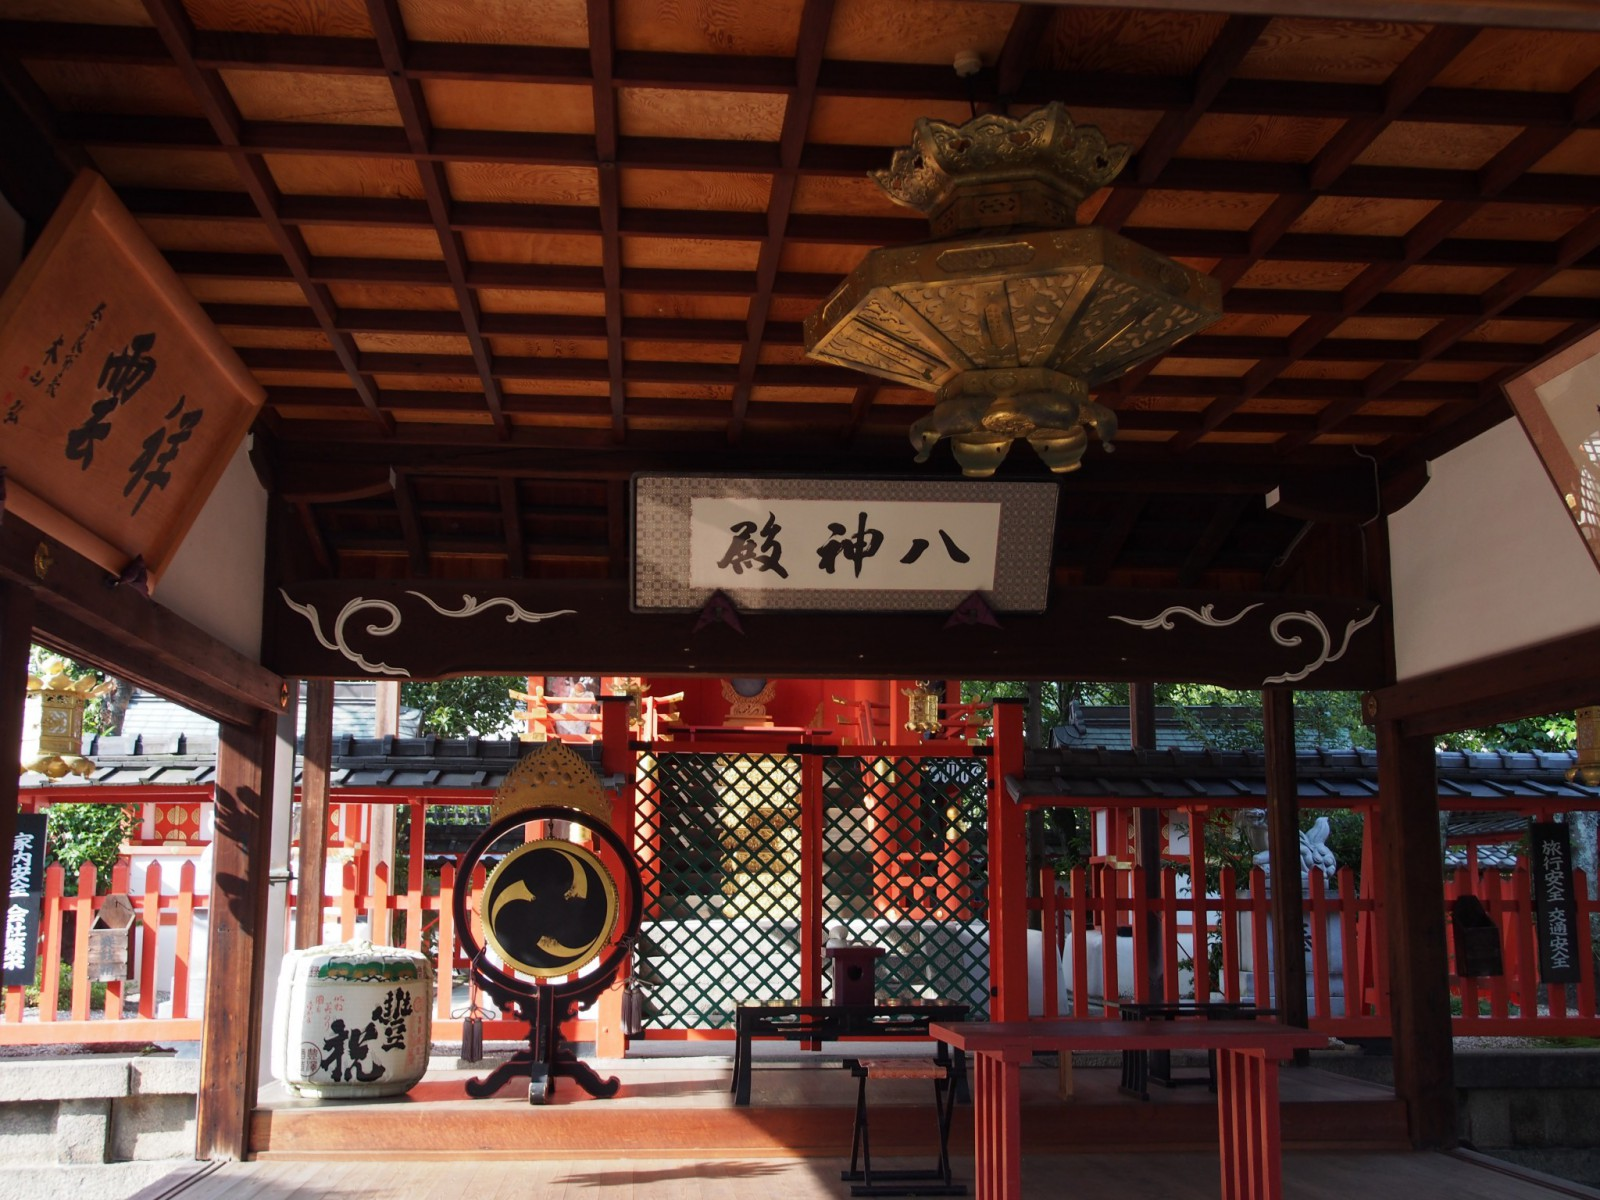 御霊神社の拝殿内部